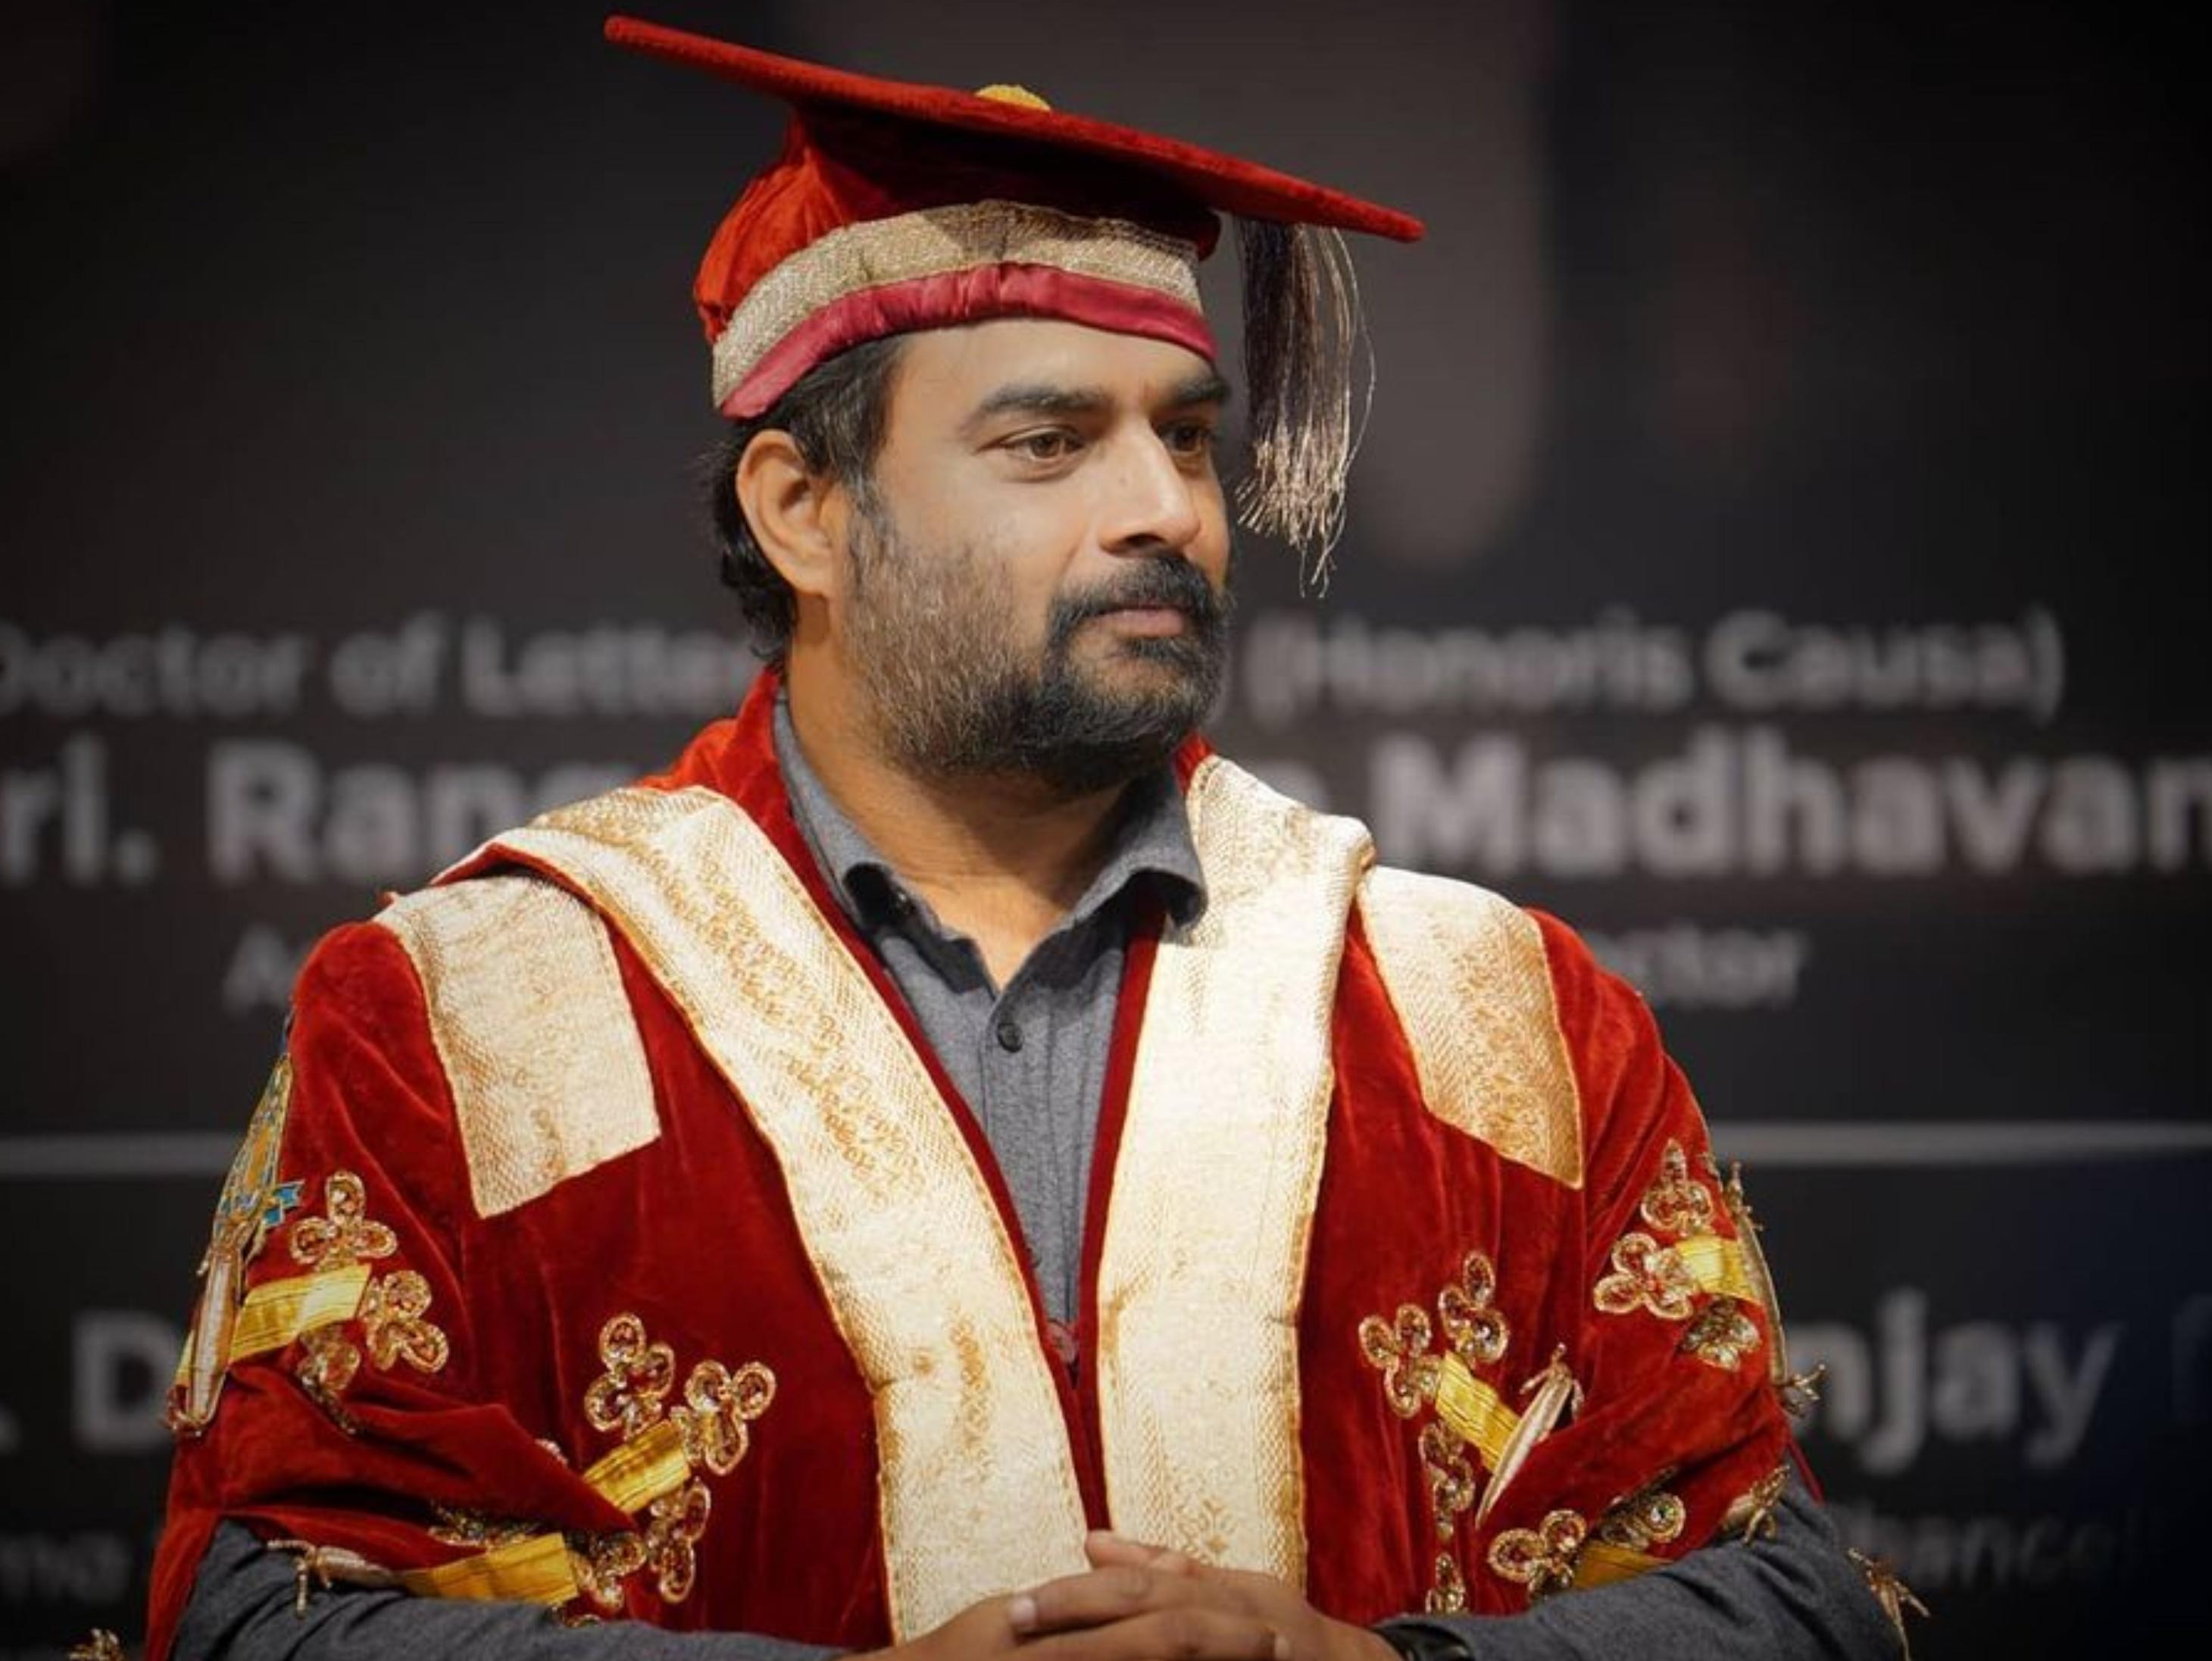 50 साल के आर माधवन को मिली डी लिट की डिग्री, कभी आर्मी में जाना चाहते थे लेकिन 6 महीने उम्र कम निकली थी|बॉलीवुड,Bollywood - Dainik Bhaskar